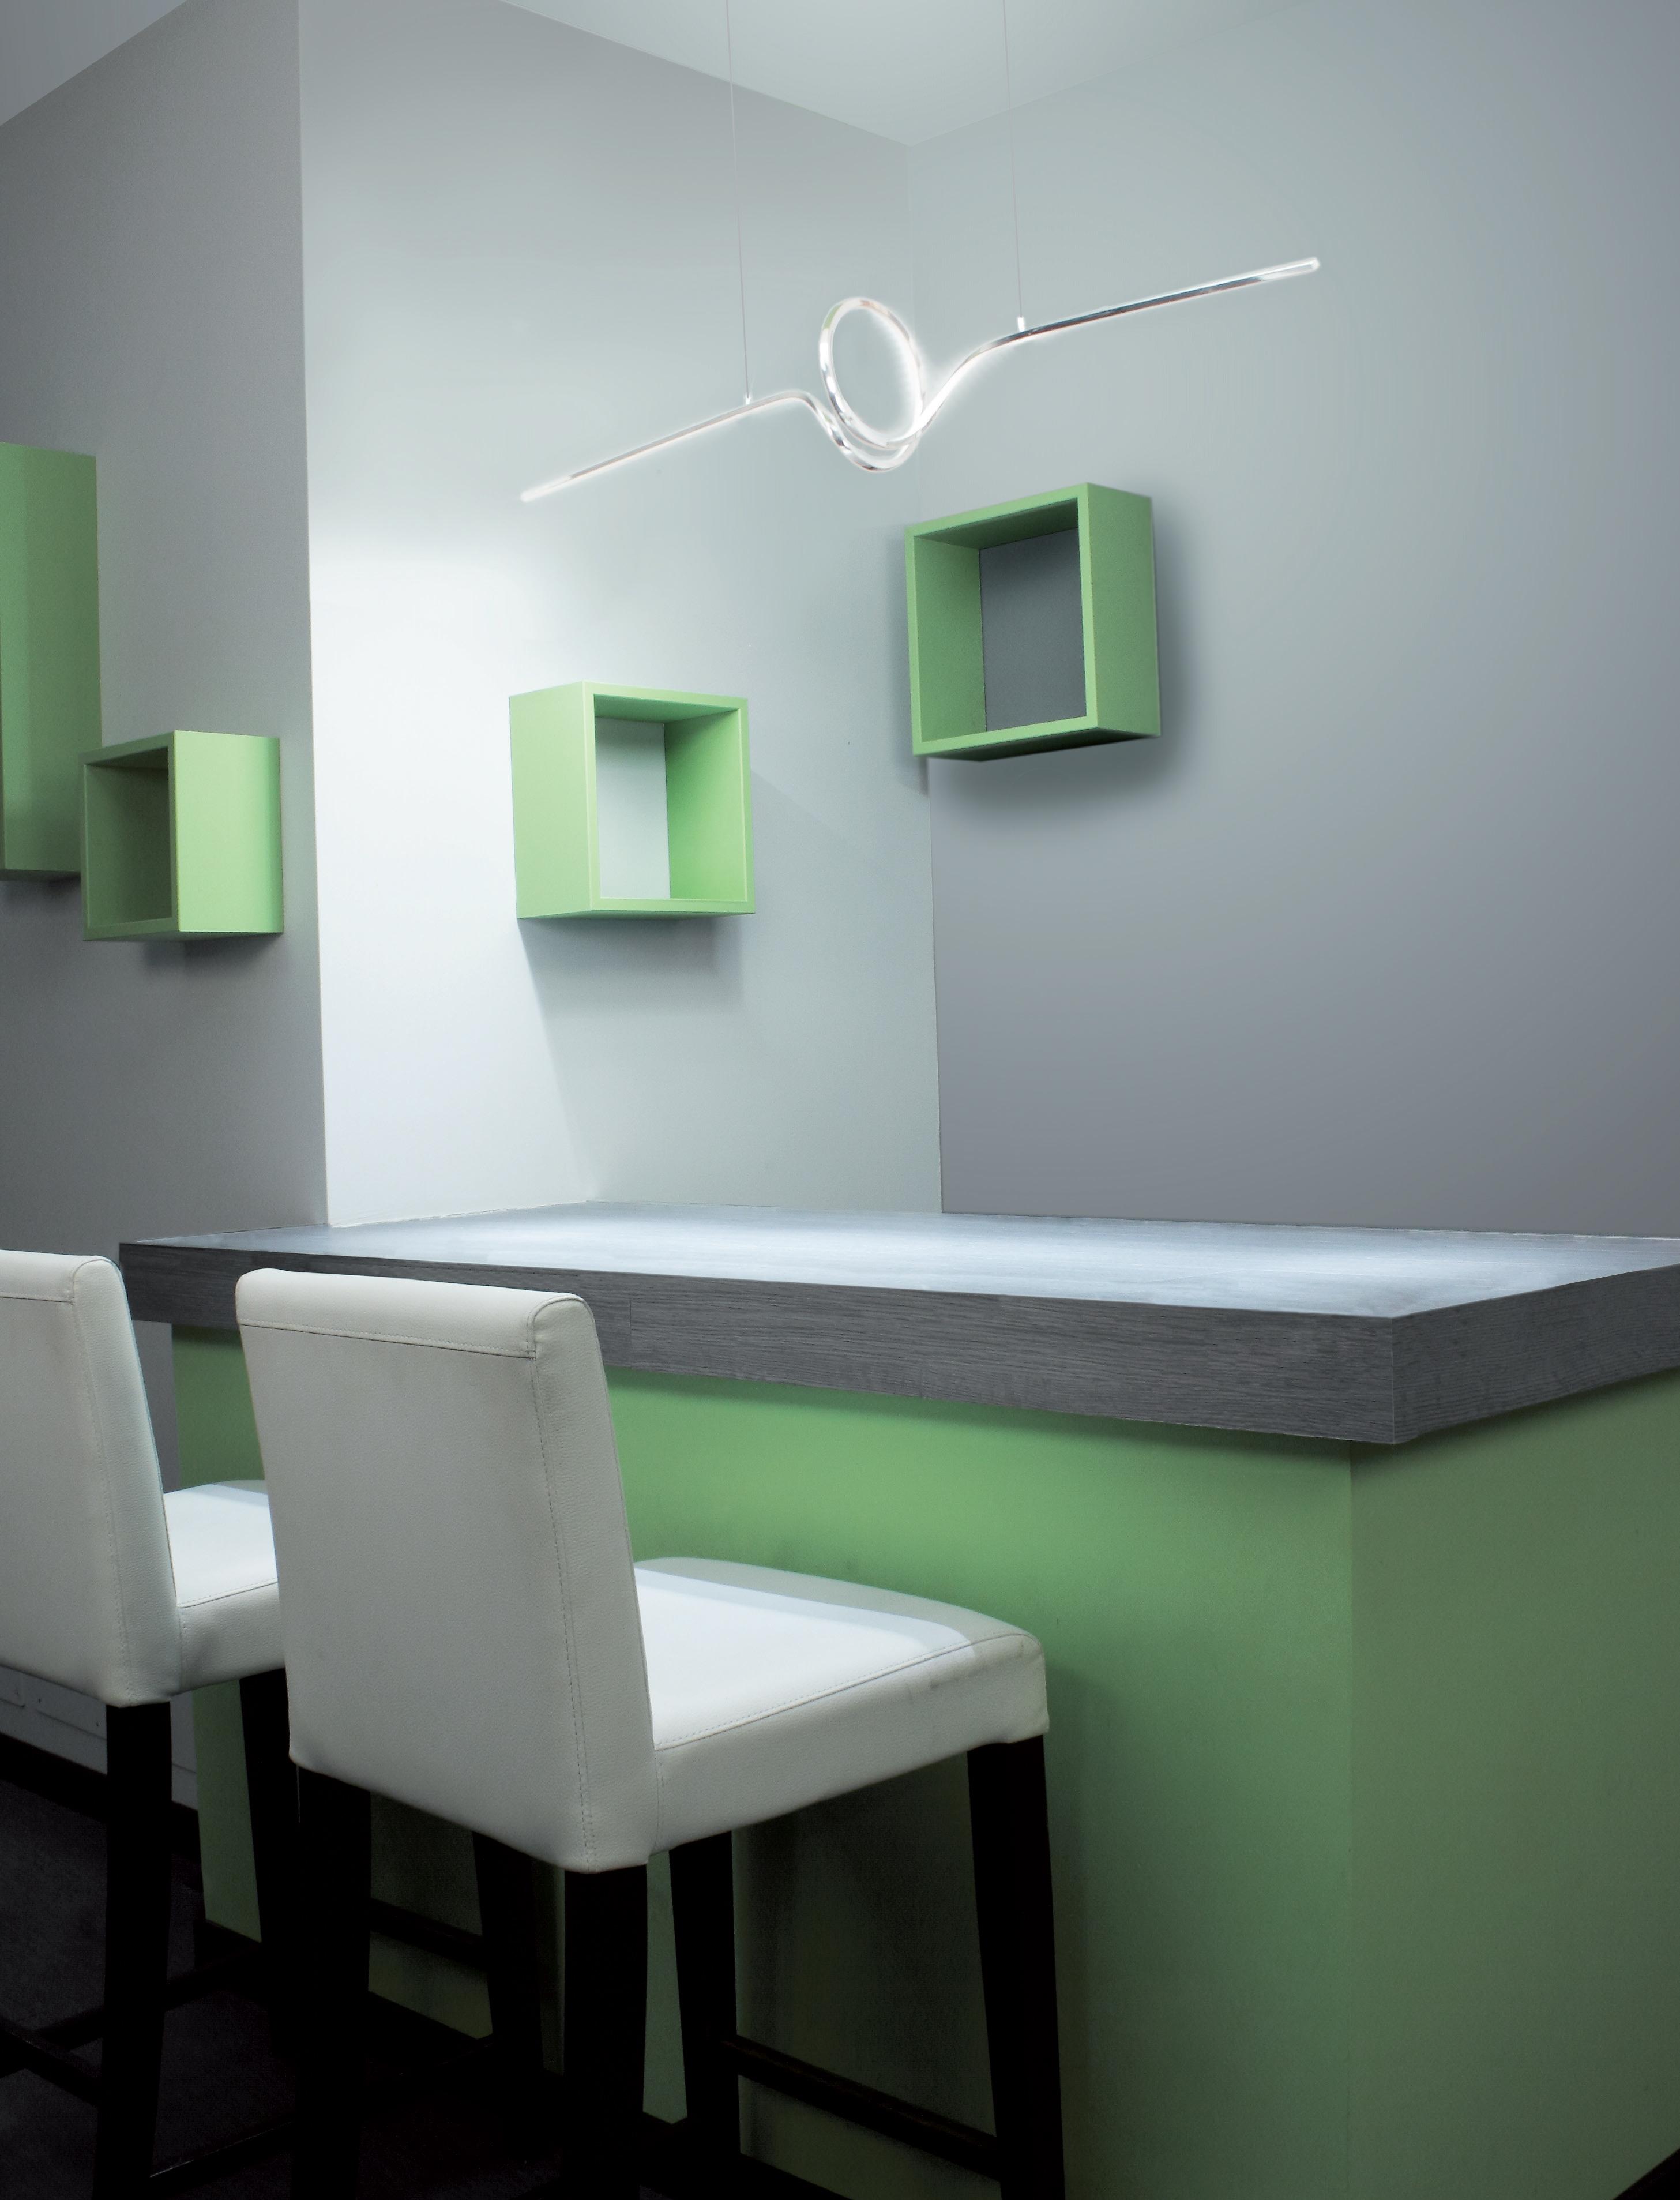 Illuminazione soffitto camera da letto: illuminazione integrata ...